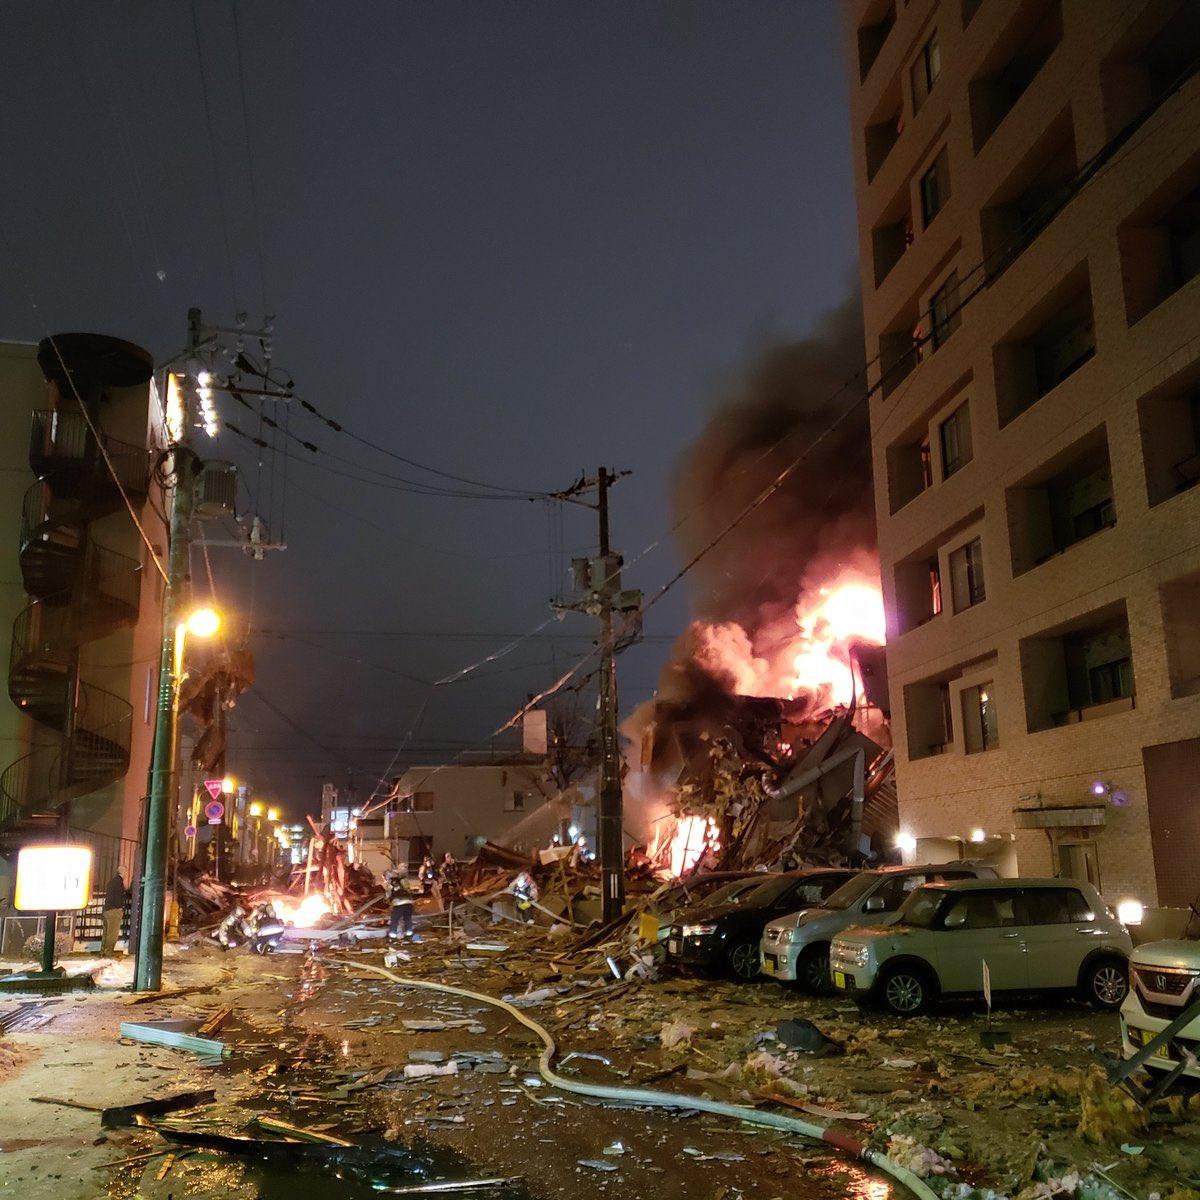 画像,市内で爆破あった。カミナリだと思ってた。アパマン無くなっている。 https://t.co/CaSxsNX90Y。